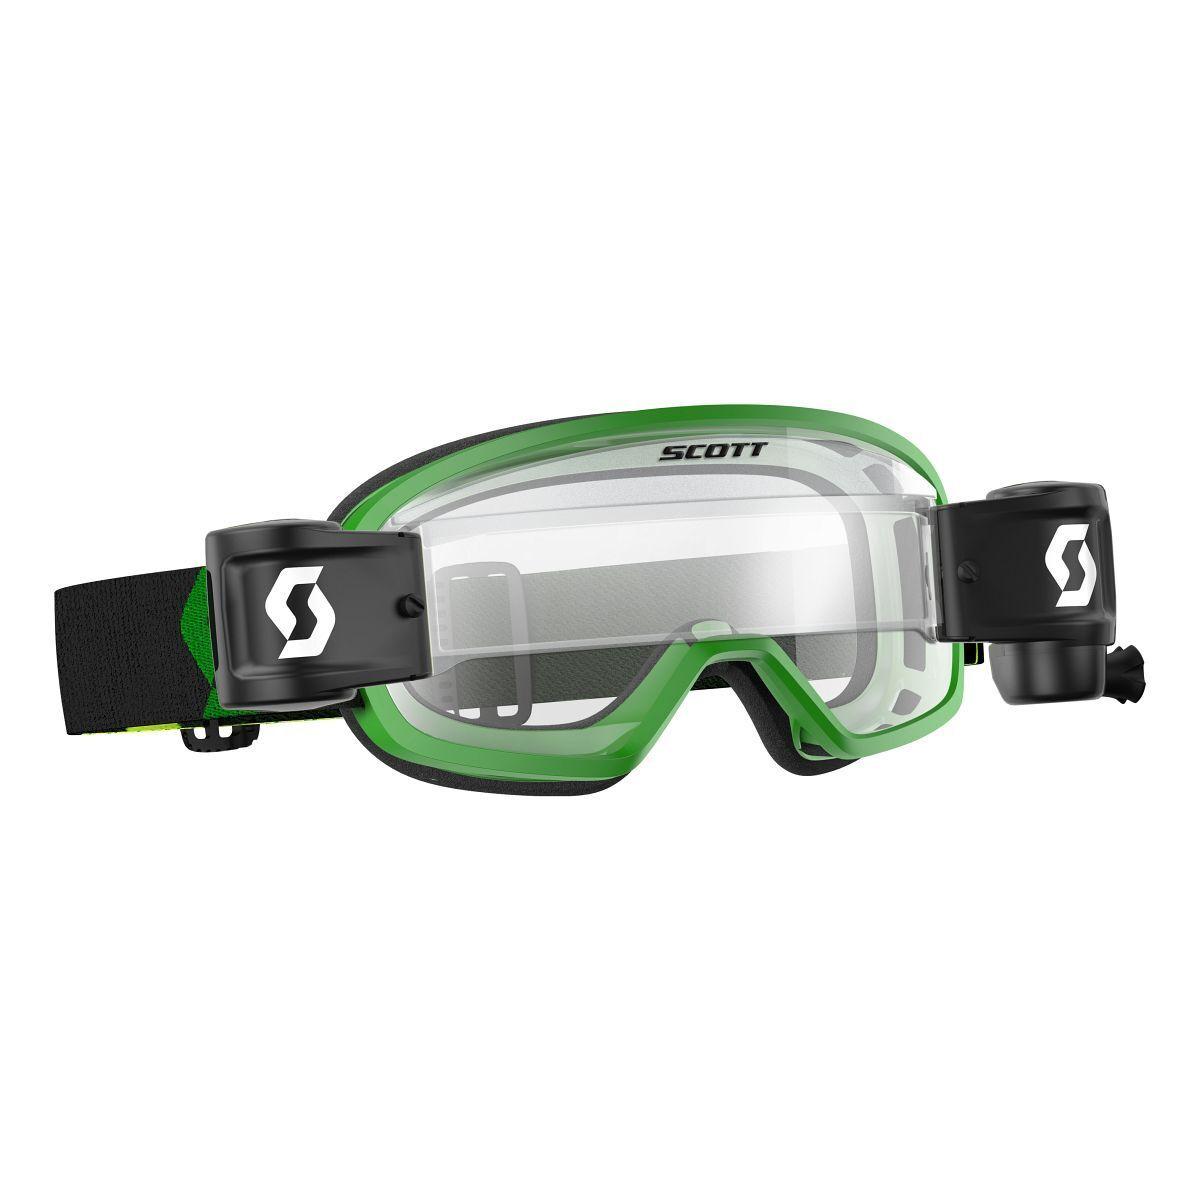 Scott Buzz Pro WFS Kinder MX Goggle Cross MTB Brille green klar works